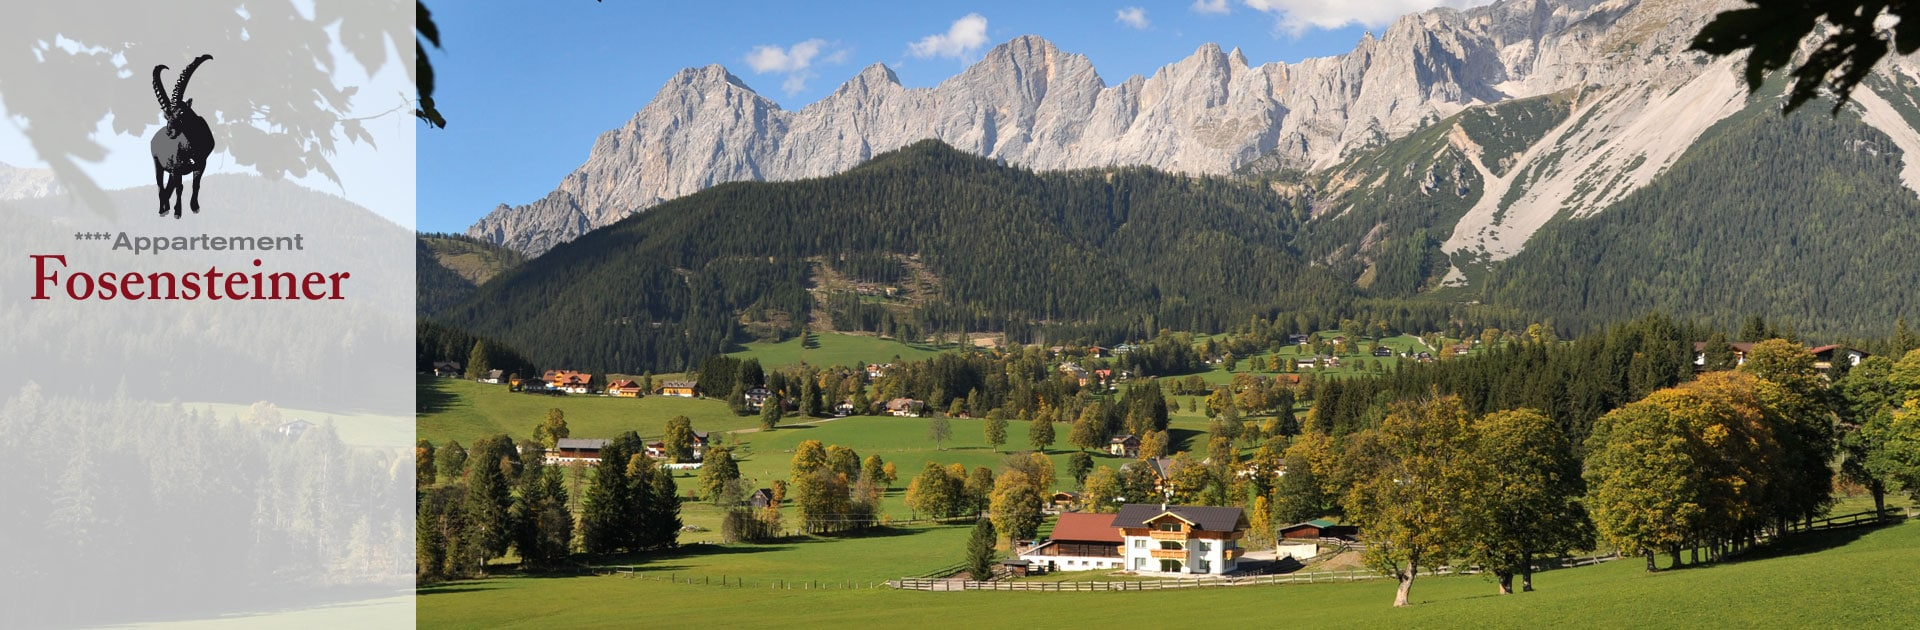 Appartement Fosensteiner in Ramsau am Dachstein